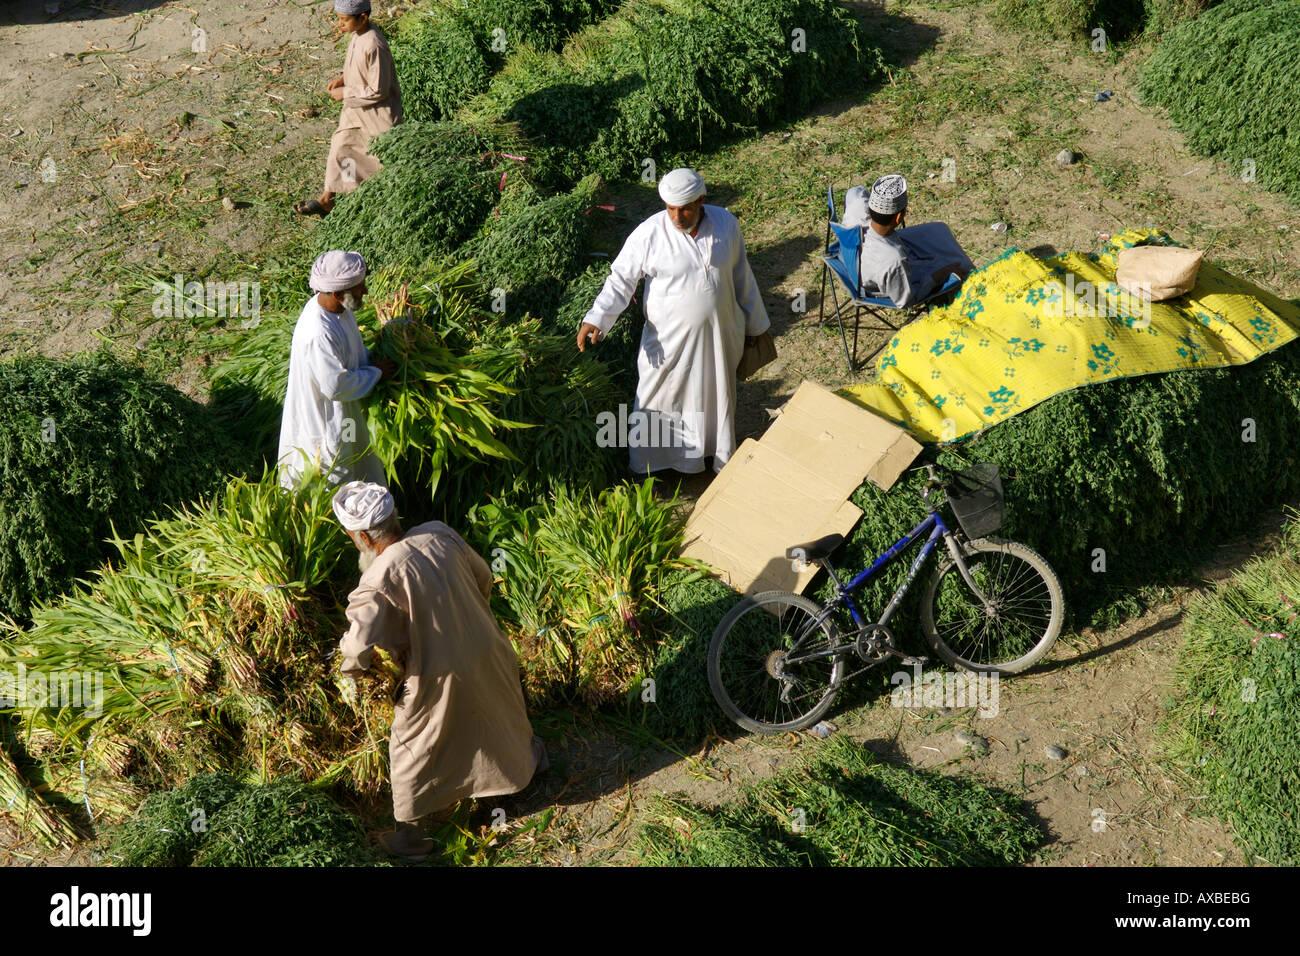 Futter für den Verkauf in der Outdoor-Souk in Nizwa im Sultanat Oman. Stockbild